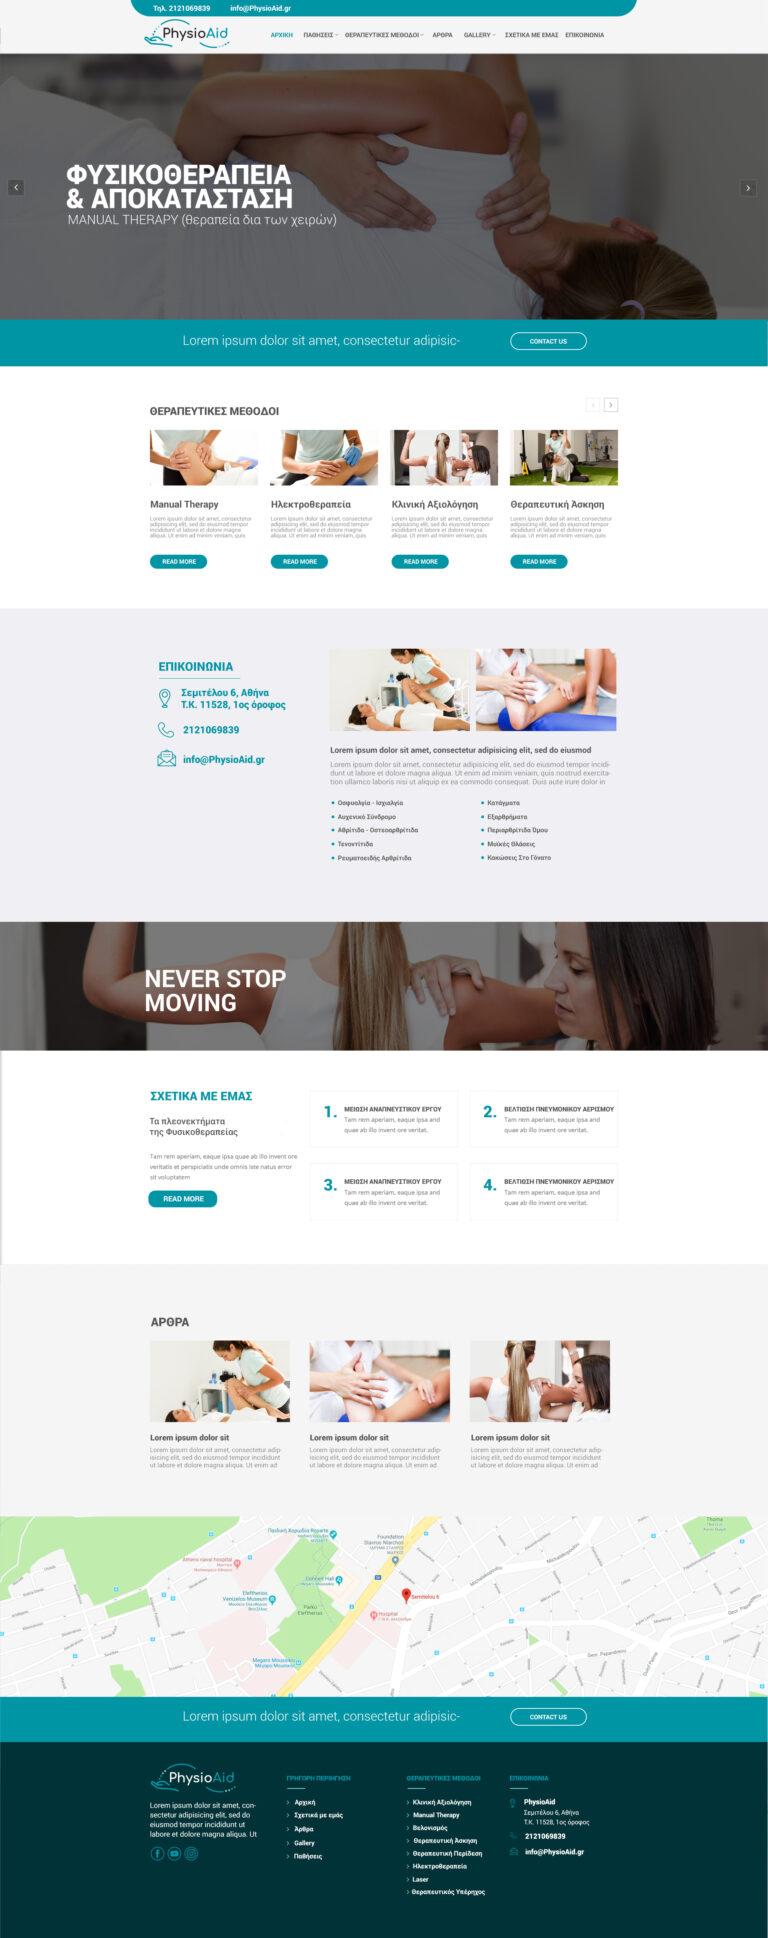 Κατασκευή ιστοσελίδας φυσικοθεραπείας